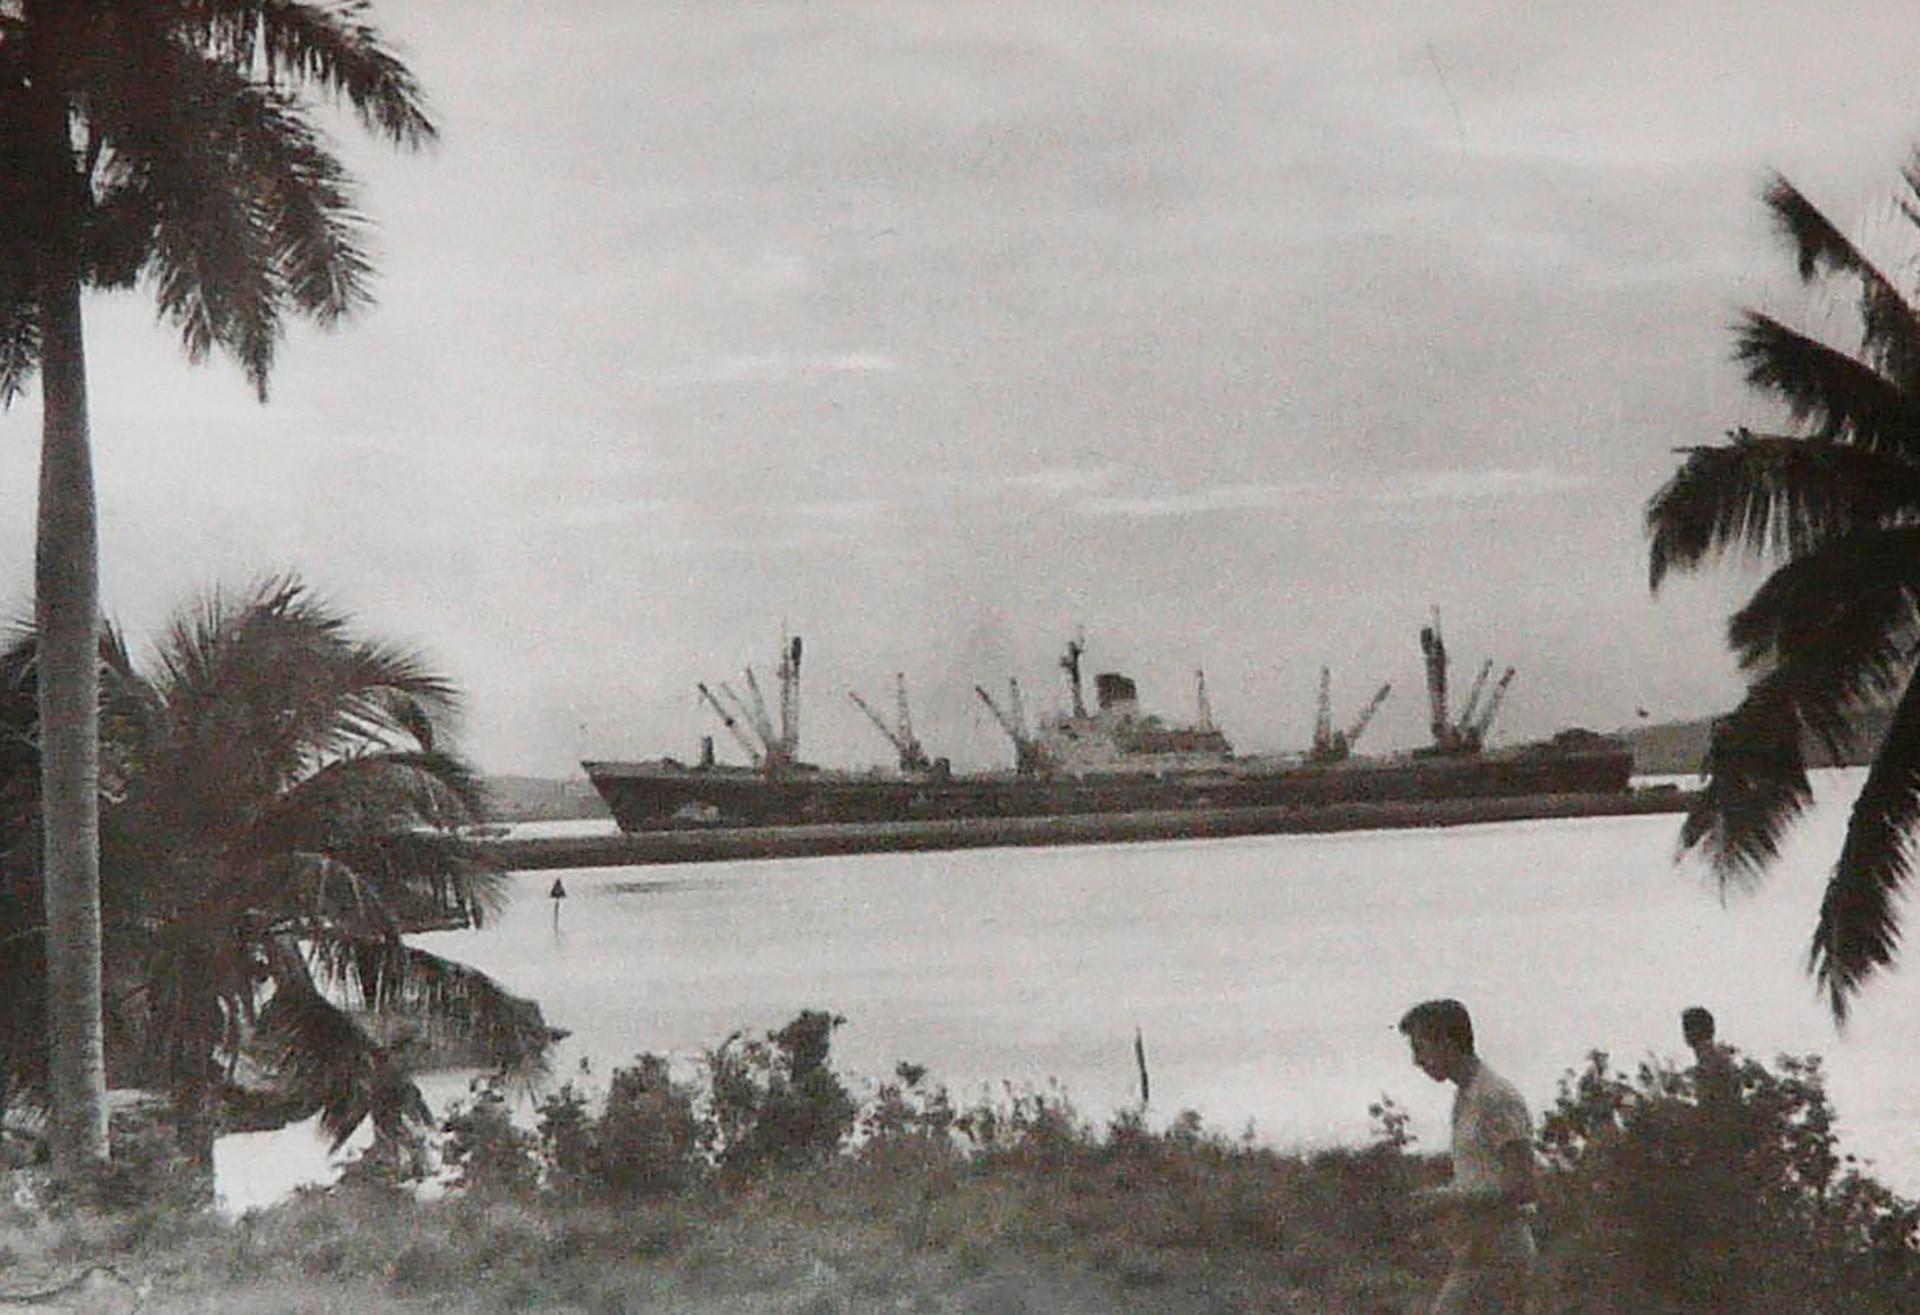 Sovjetski brod, Kuba.